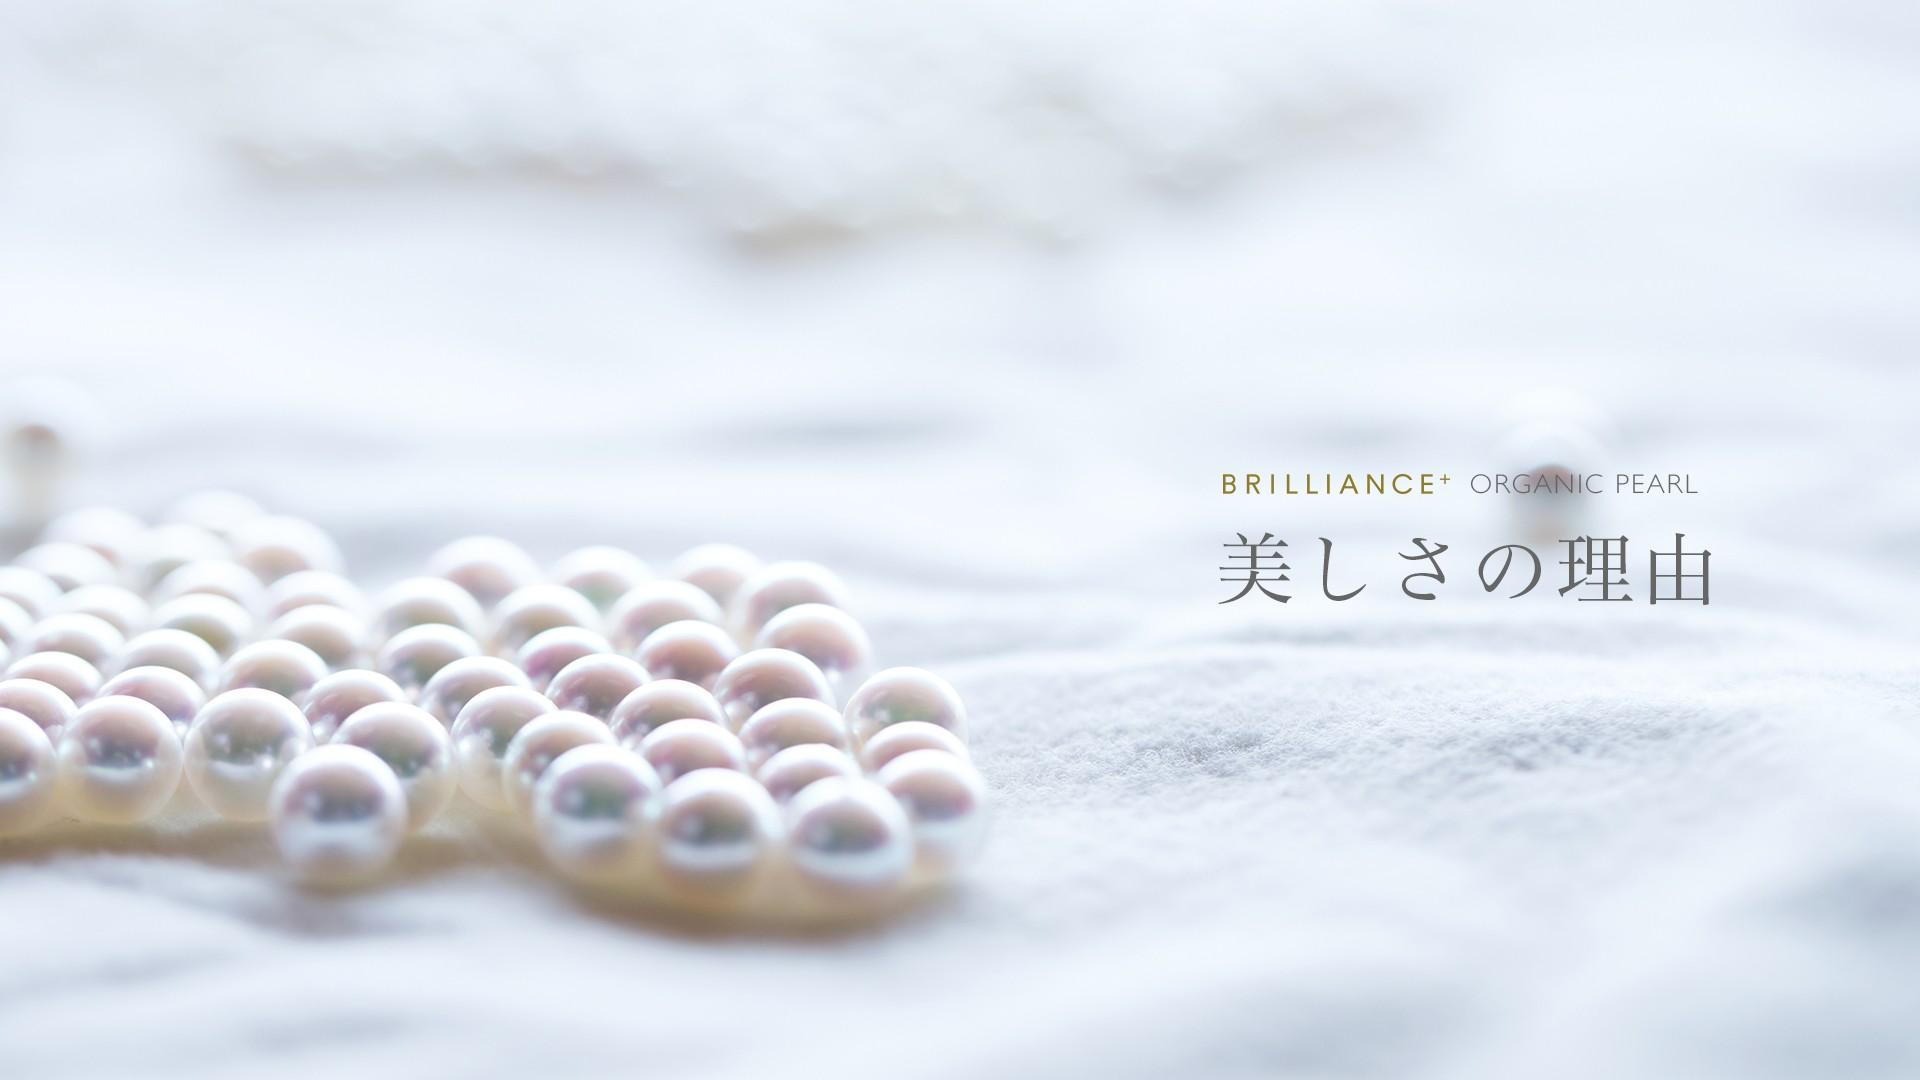 ブリリアンス+の真珠(オーガニックパールが美しい理由